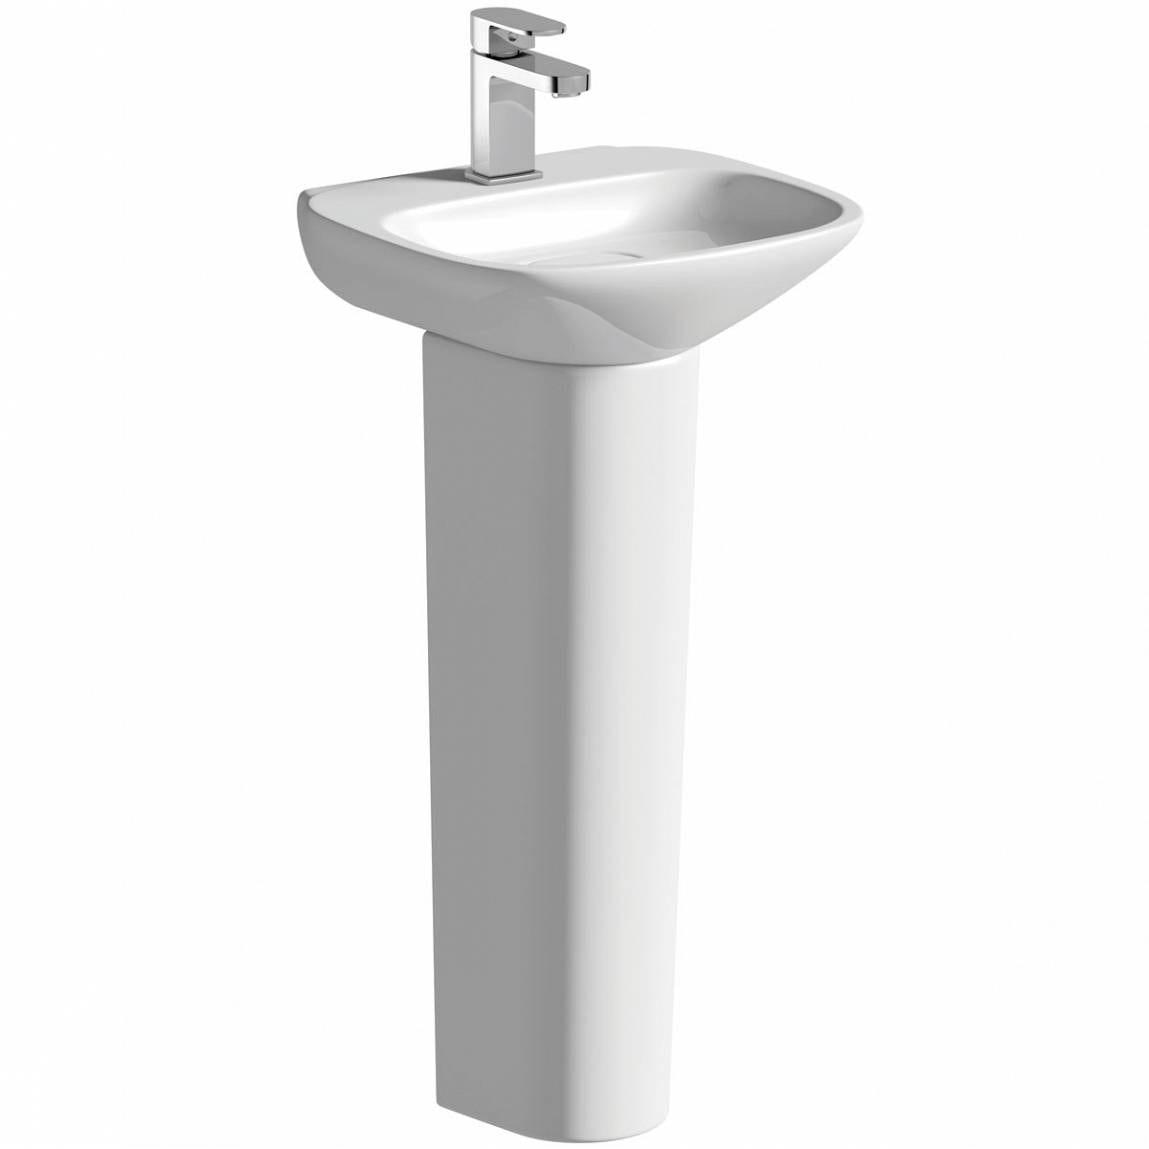 Mode Fairbanks 1 tap hole full pedestal basin 400mm